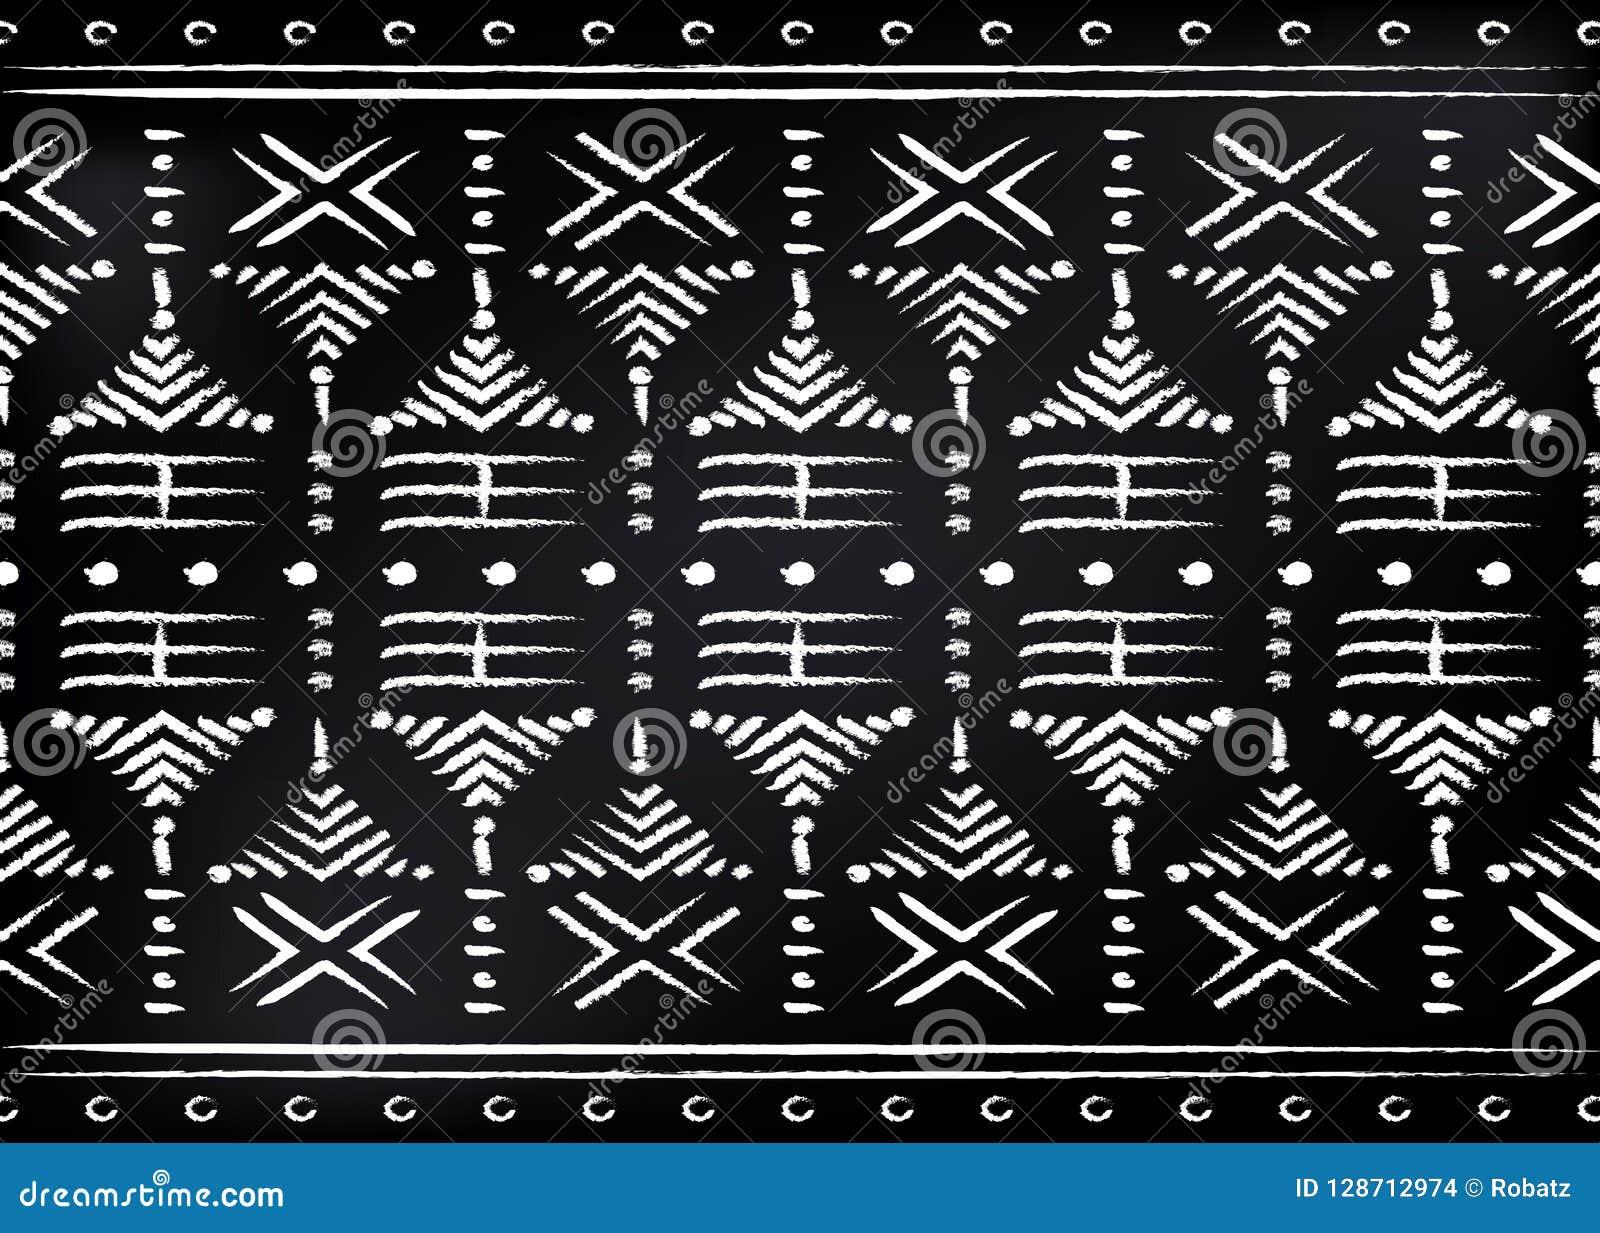 Αφρικανικό ύφασμα τυπωμένων υλών, εθνική χειροποίητη διακόσμηση για εθνικών και φυλετικών μοτίβων γεωμετρικά στοιχεία σας τα σχεδ